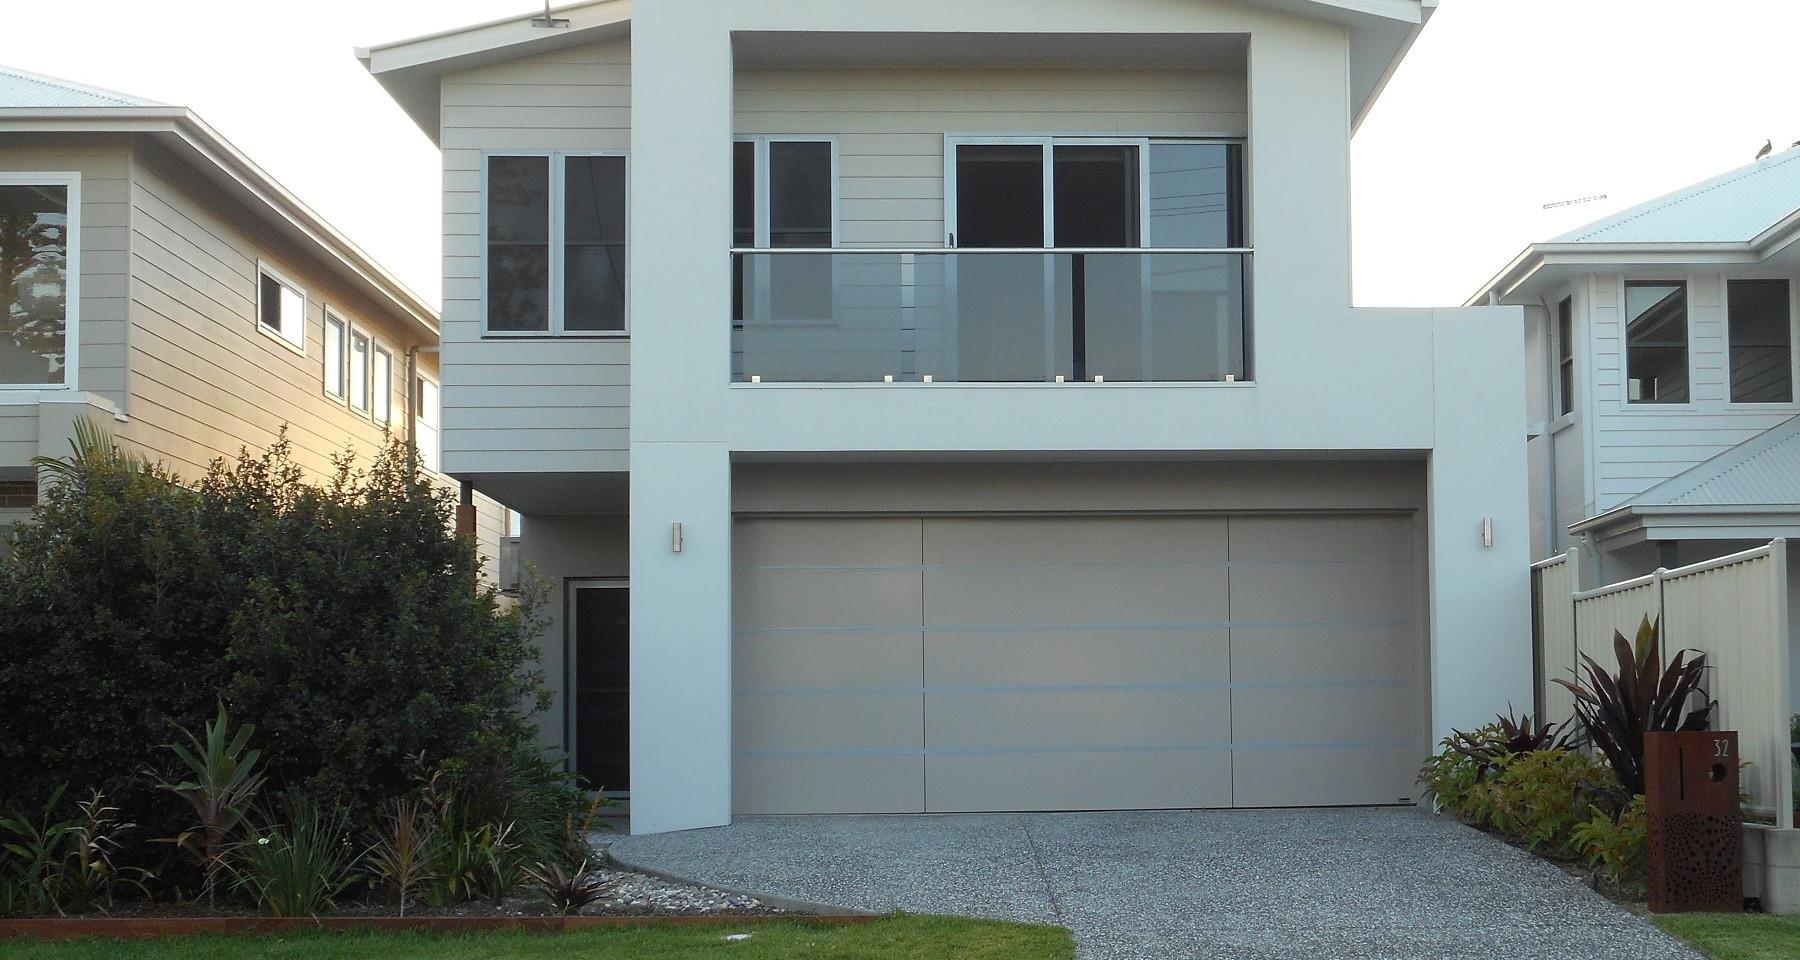 1.facade.JPG